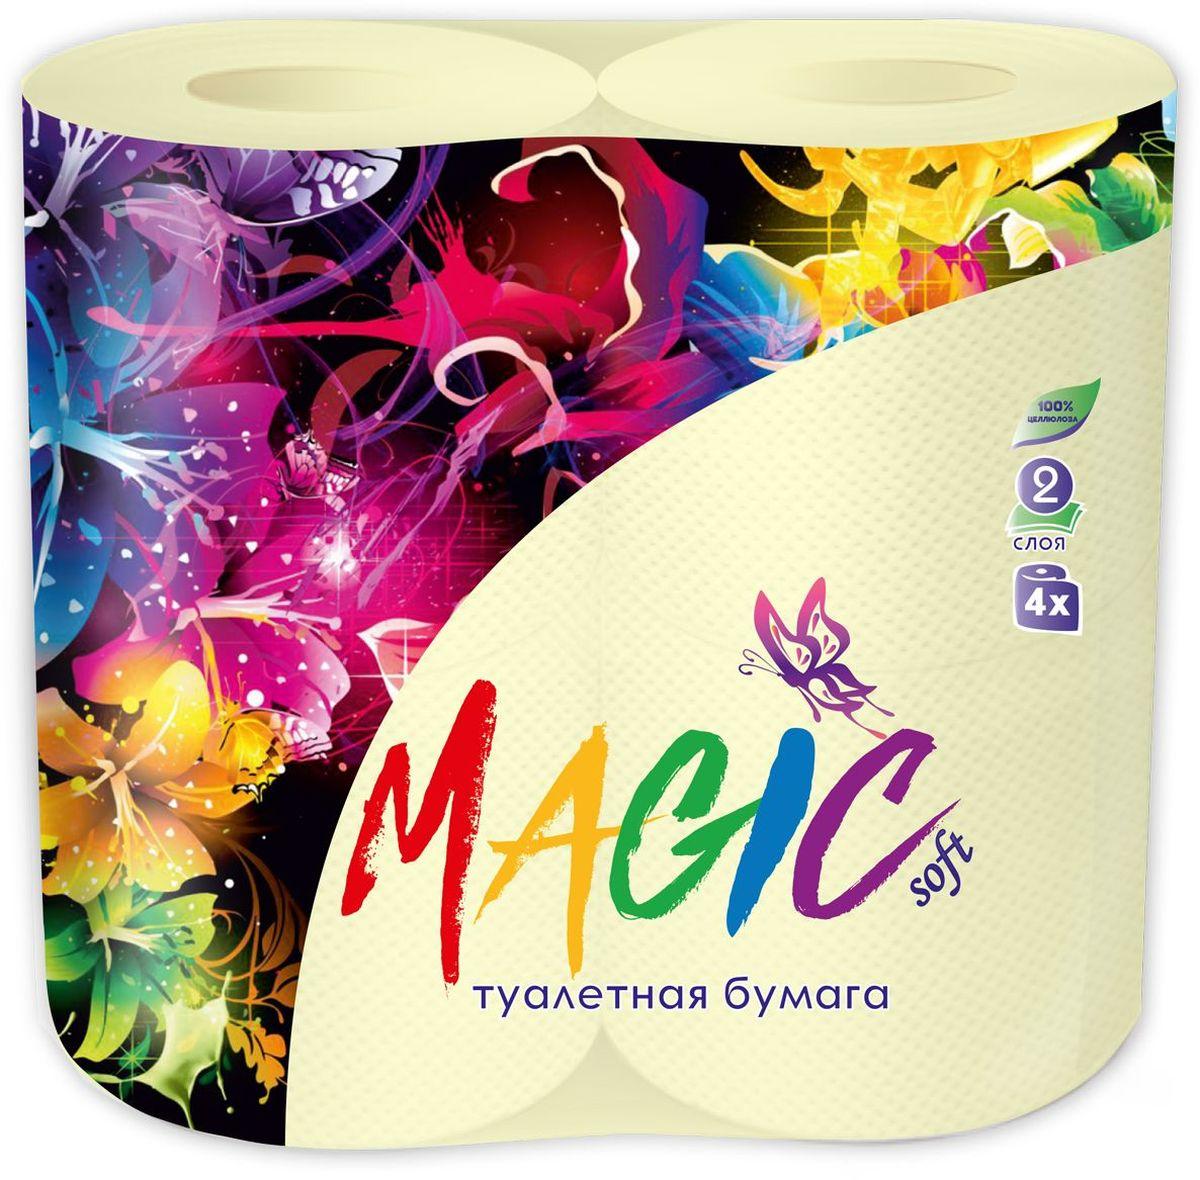 Туалетная бумага Magic Soft, цвет: желтый, 4 рулона391602Для бытового и санитарно-гигиенического назначения. Одноразового использования.